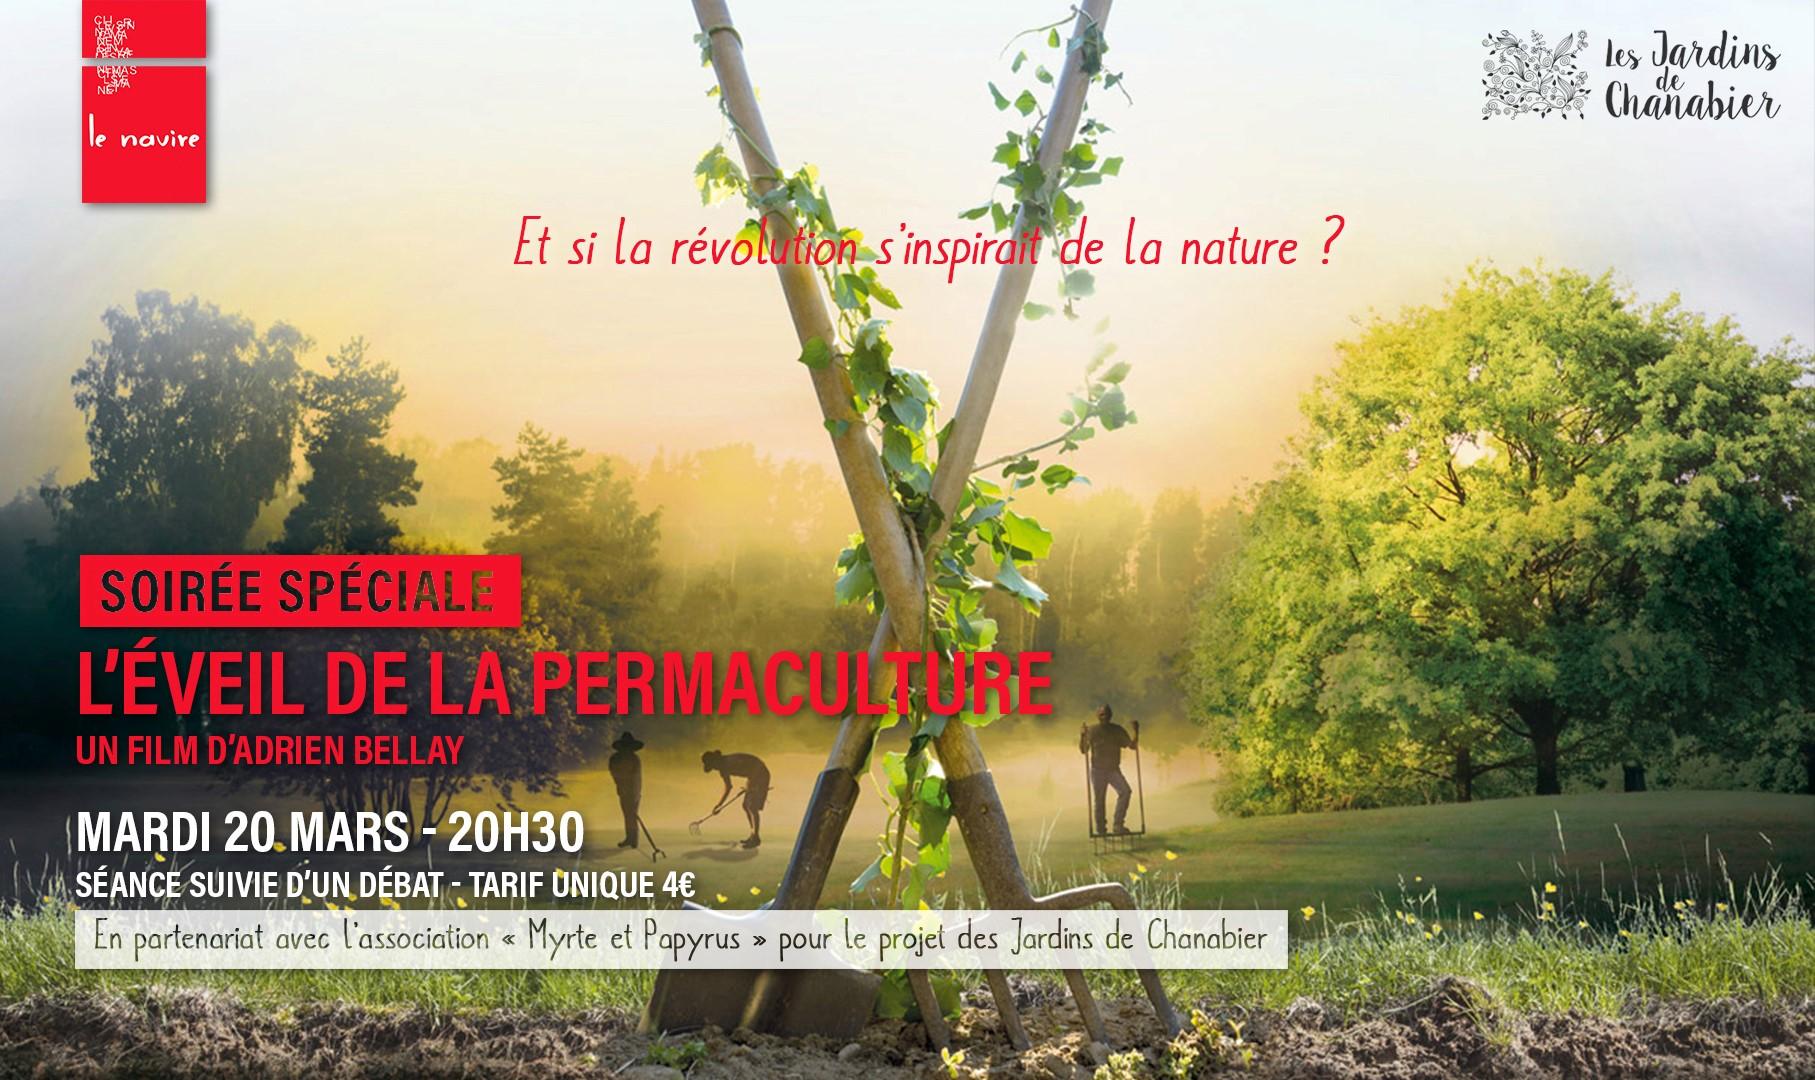 Ciné débat avec le film L'éveil à la permaculture